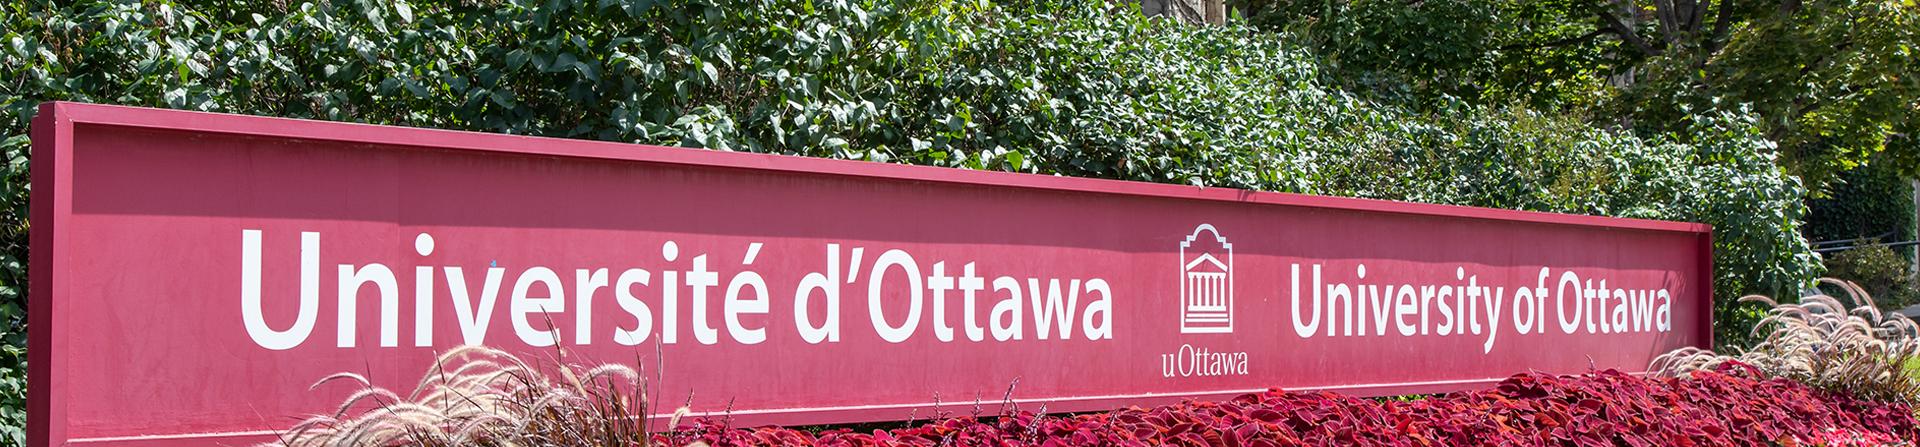 BA_UTC_Ottawa_Chercheurs_11_2020.jpg